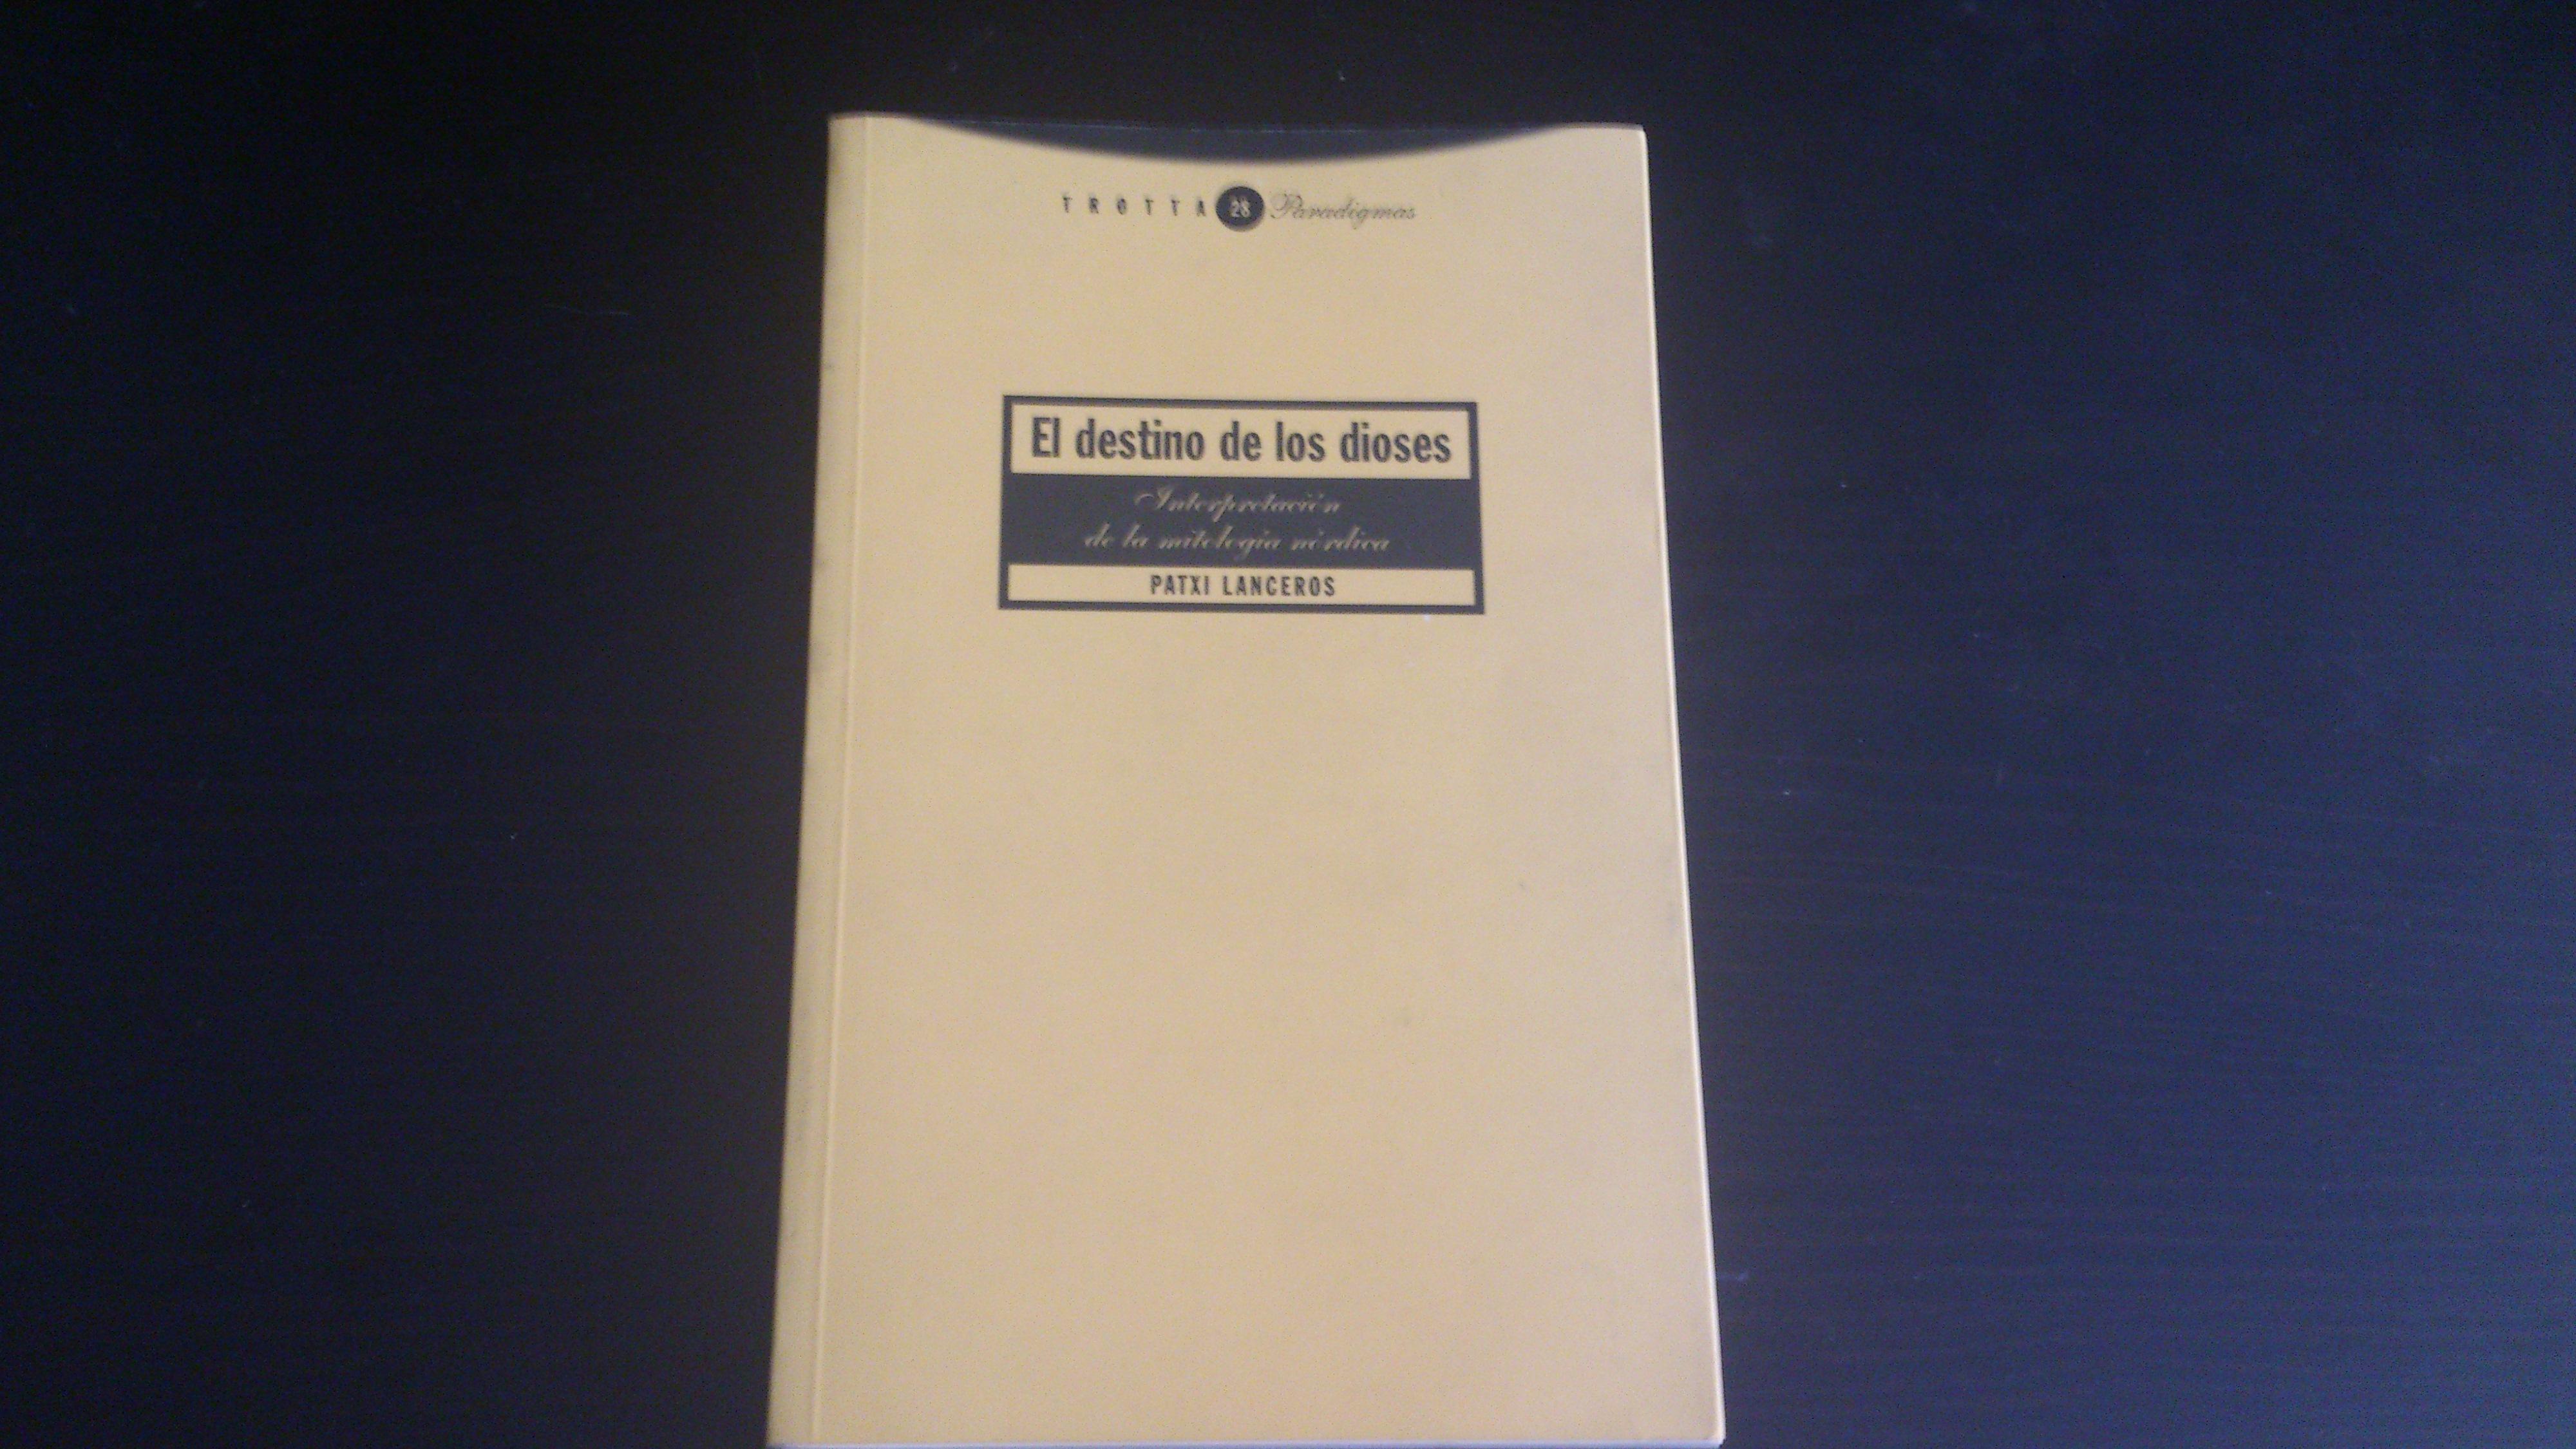 Patxi Lanceros - El destino de los dioses (2001)